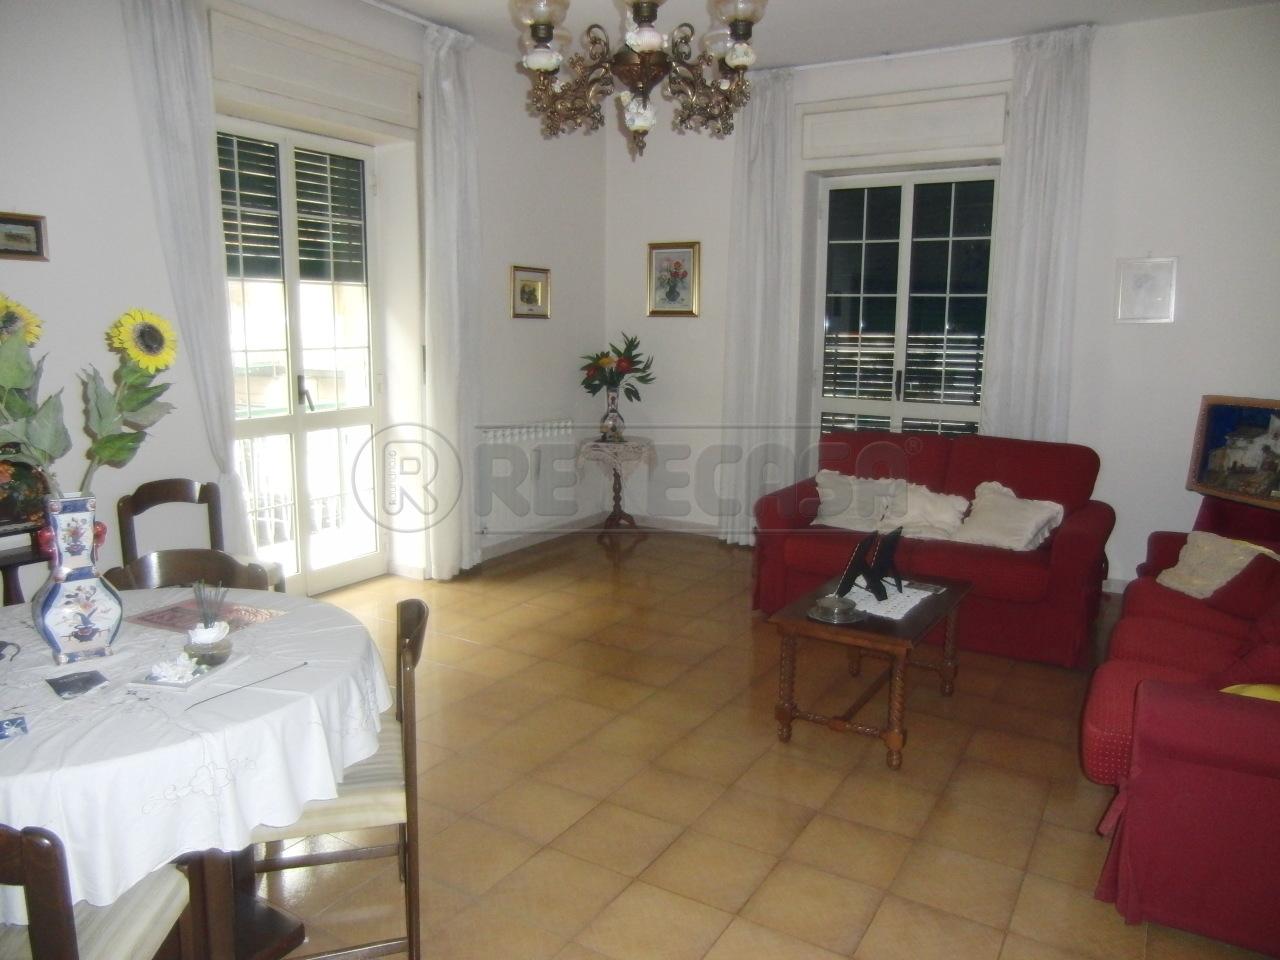 Appartamento in vendita a Siracusa, 5 locali, prezzo € 125.000 | Cambio Casa.it